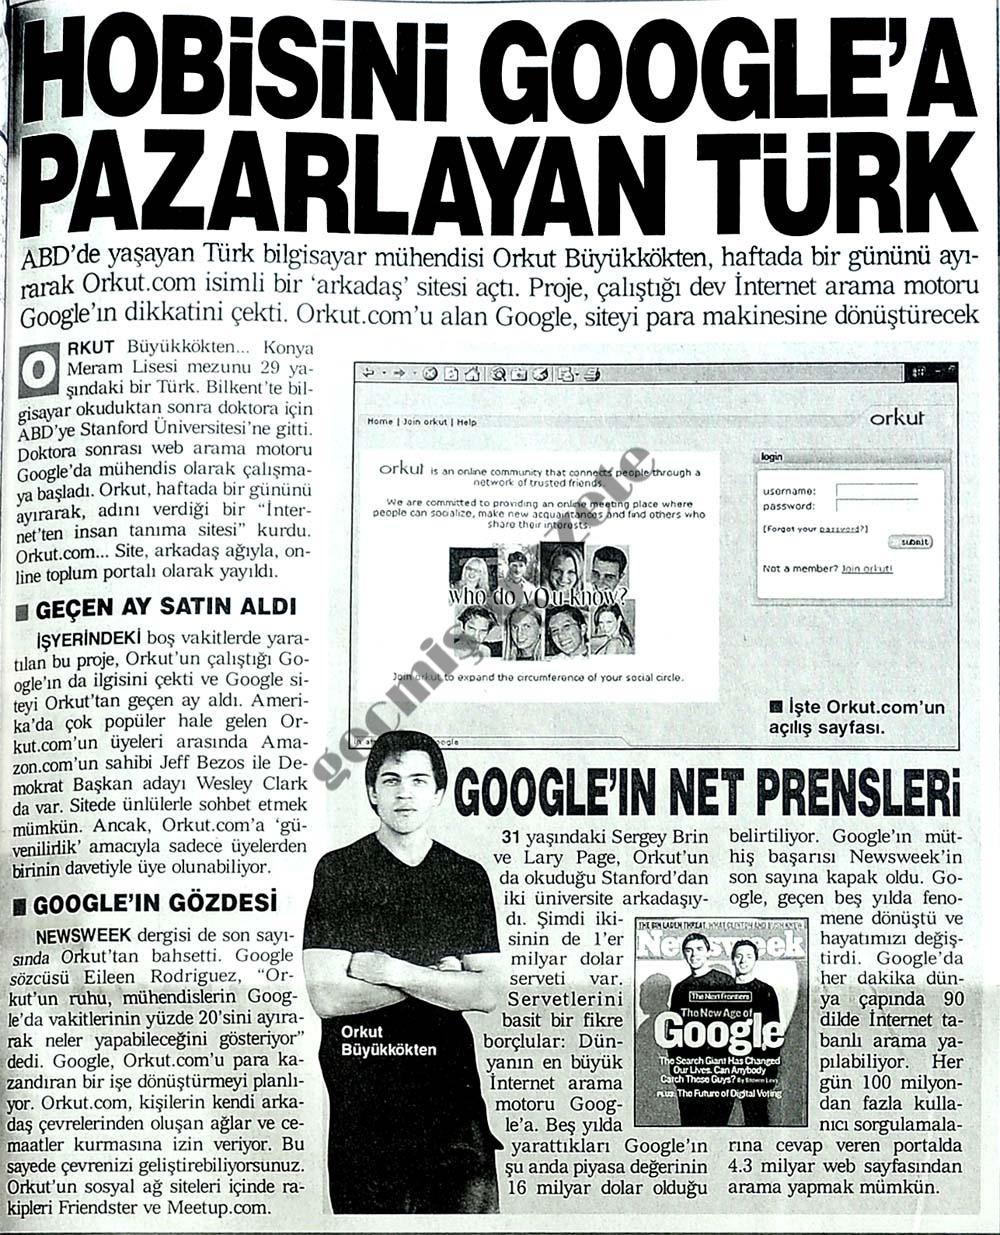 Hobisini Google'a pazarlayan Türk